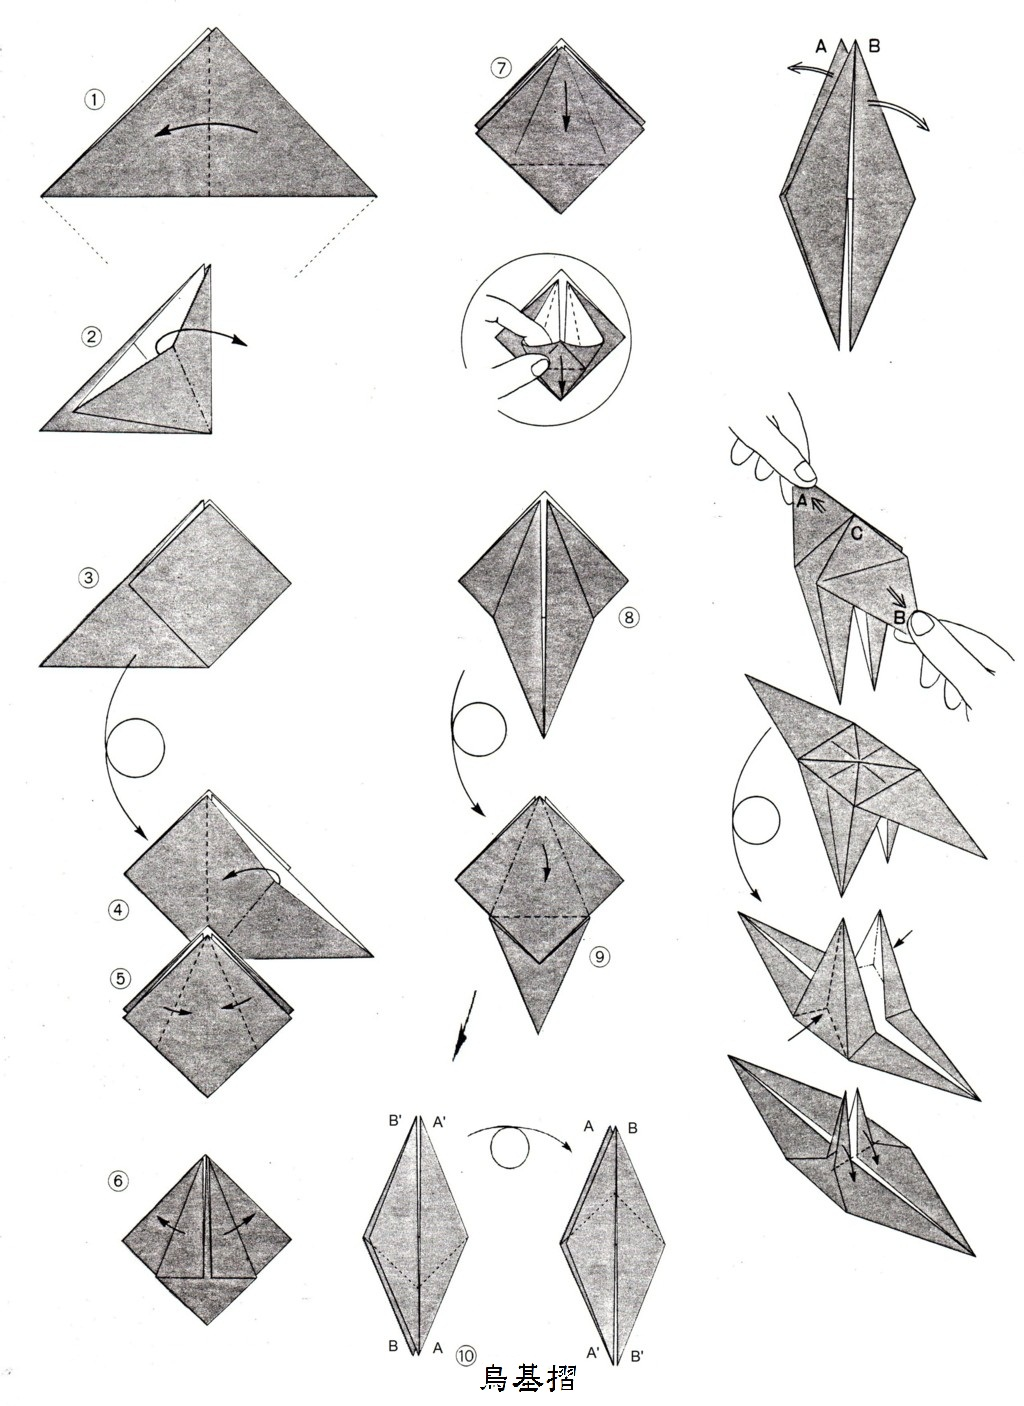 手工做的复杂的折纸中国龙教程!